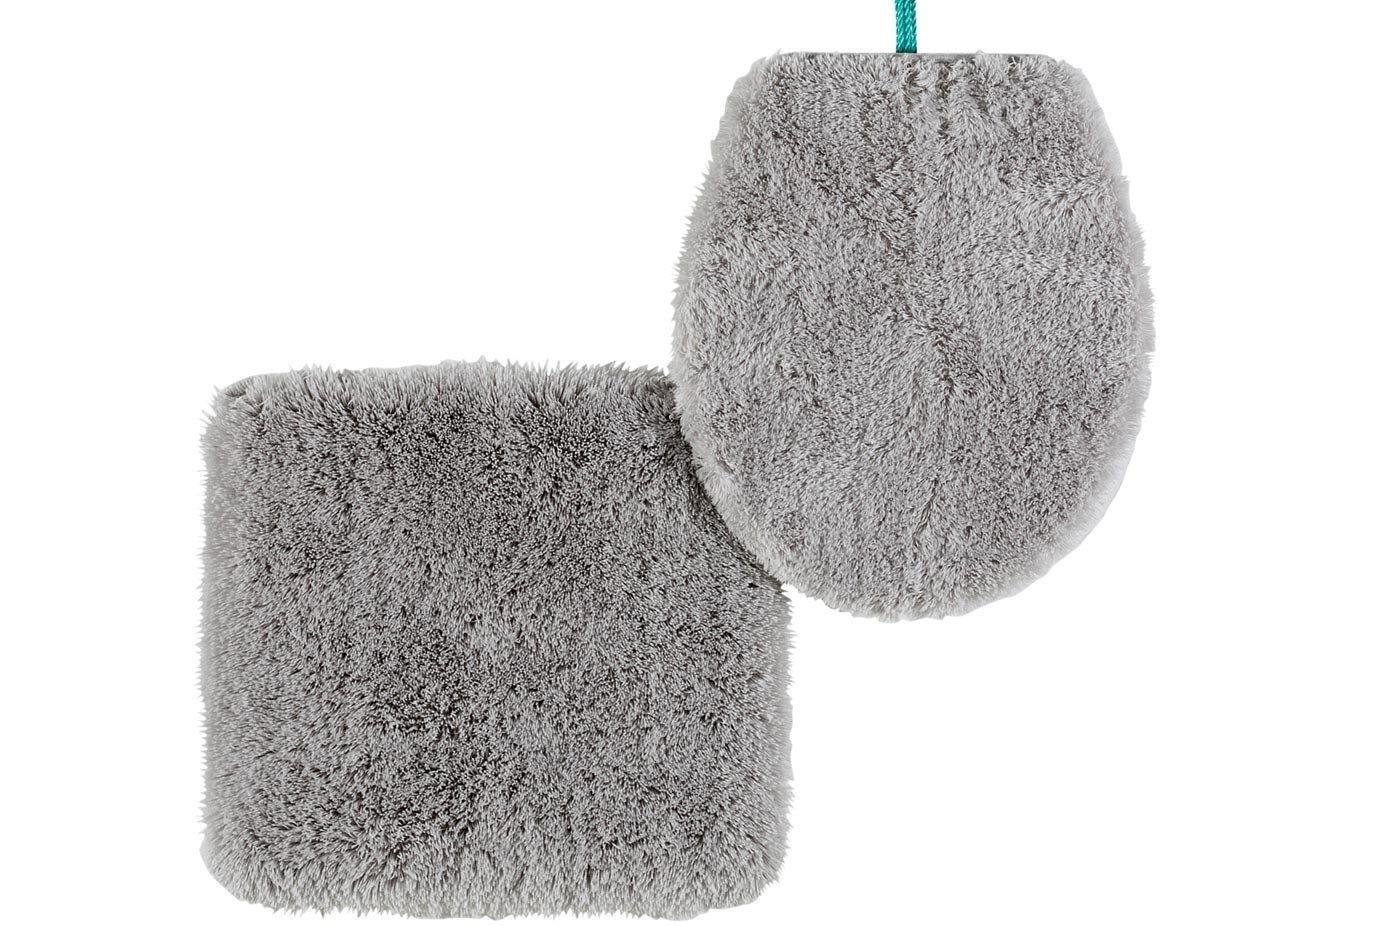 heine home badmat (1 stuk) veilig op otto.nl kopen